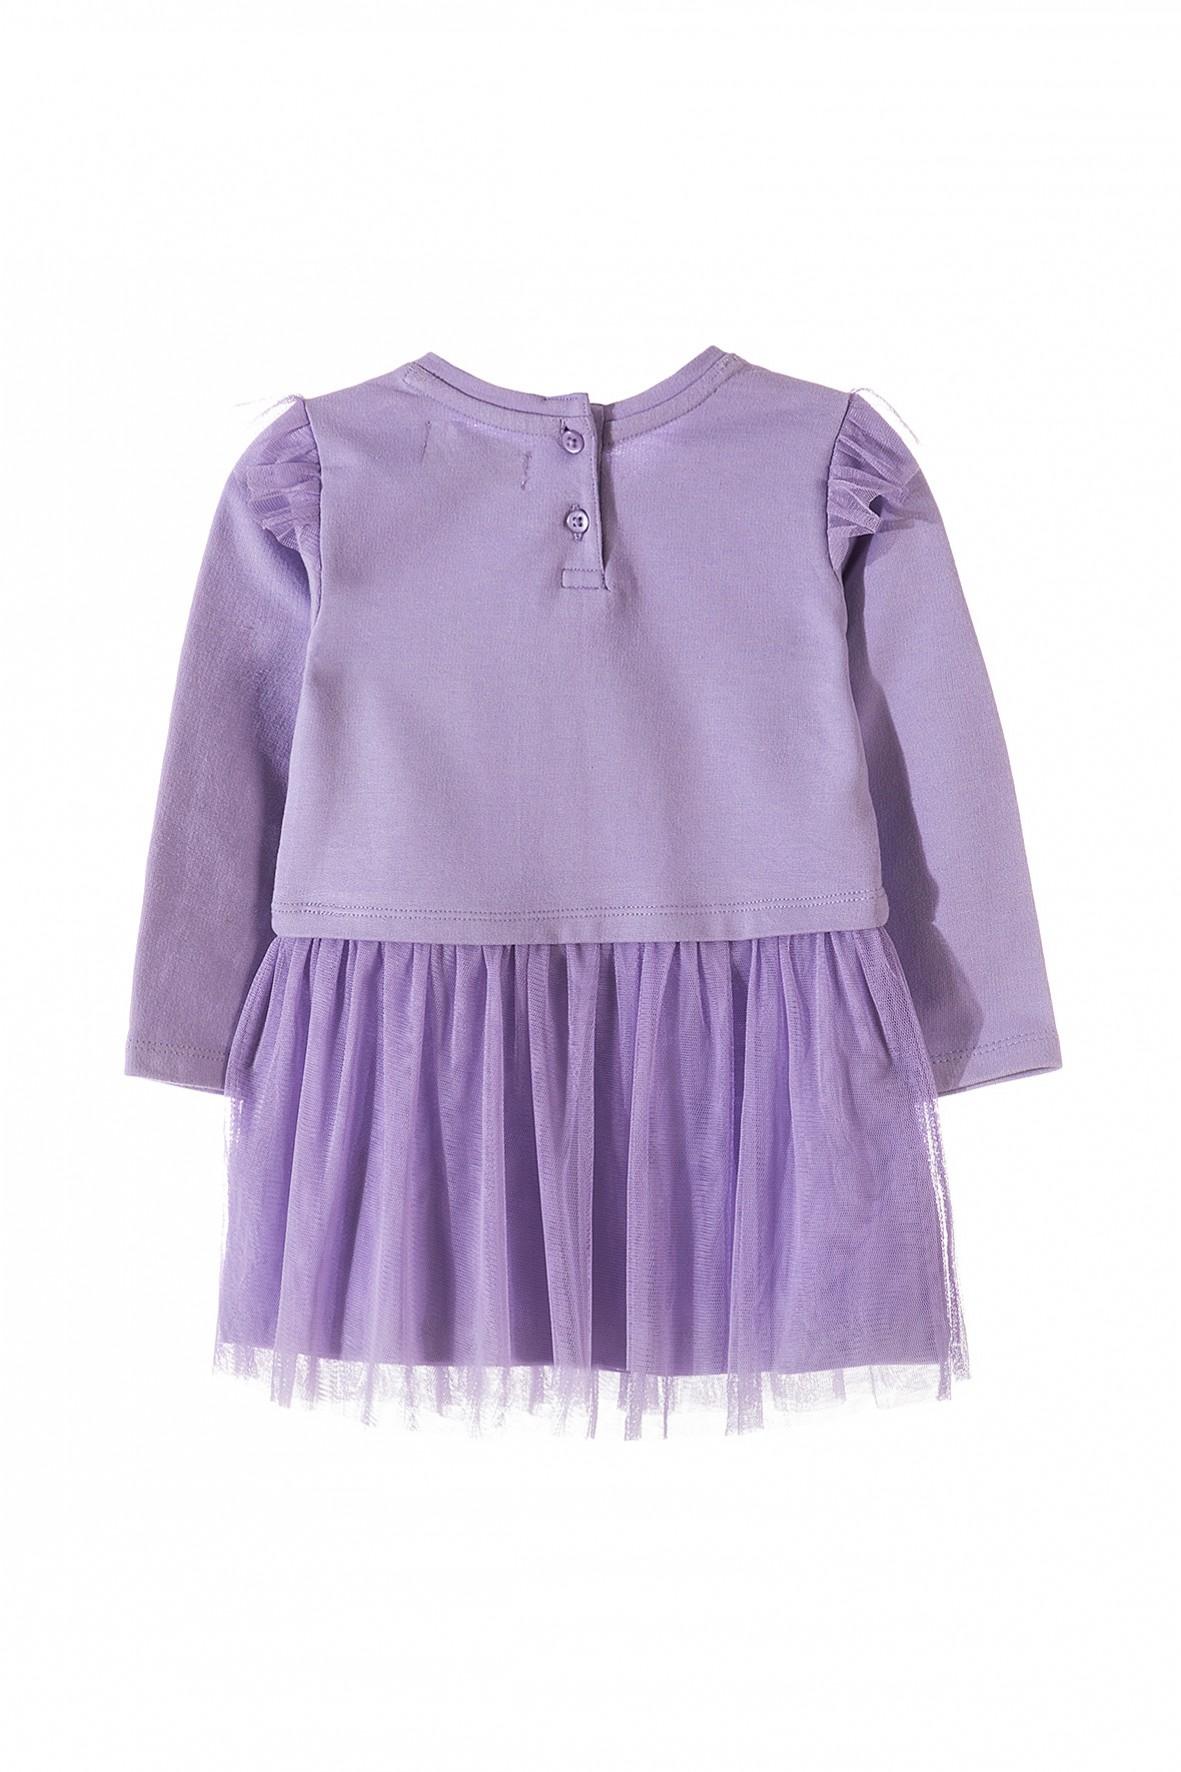 a6bce03c7a Sukienka niemowlęca dzianinowa  Sukienka niemowlęca dzianinowa  Sukienka  niemowlęca dzianinowa